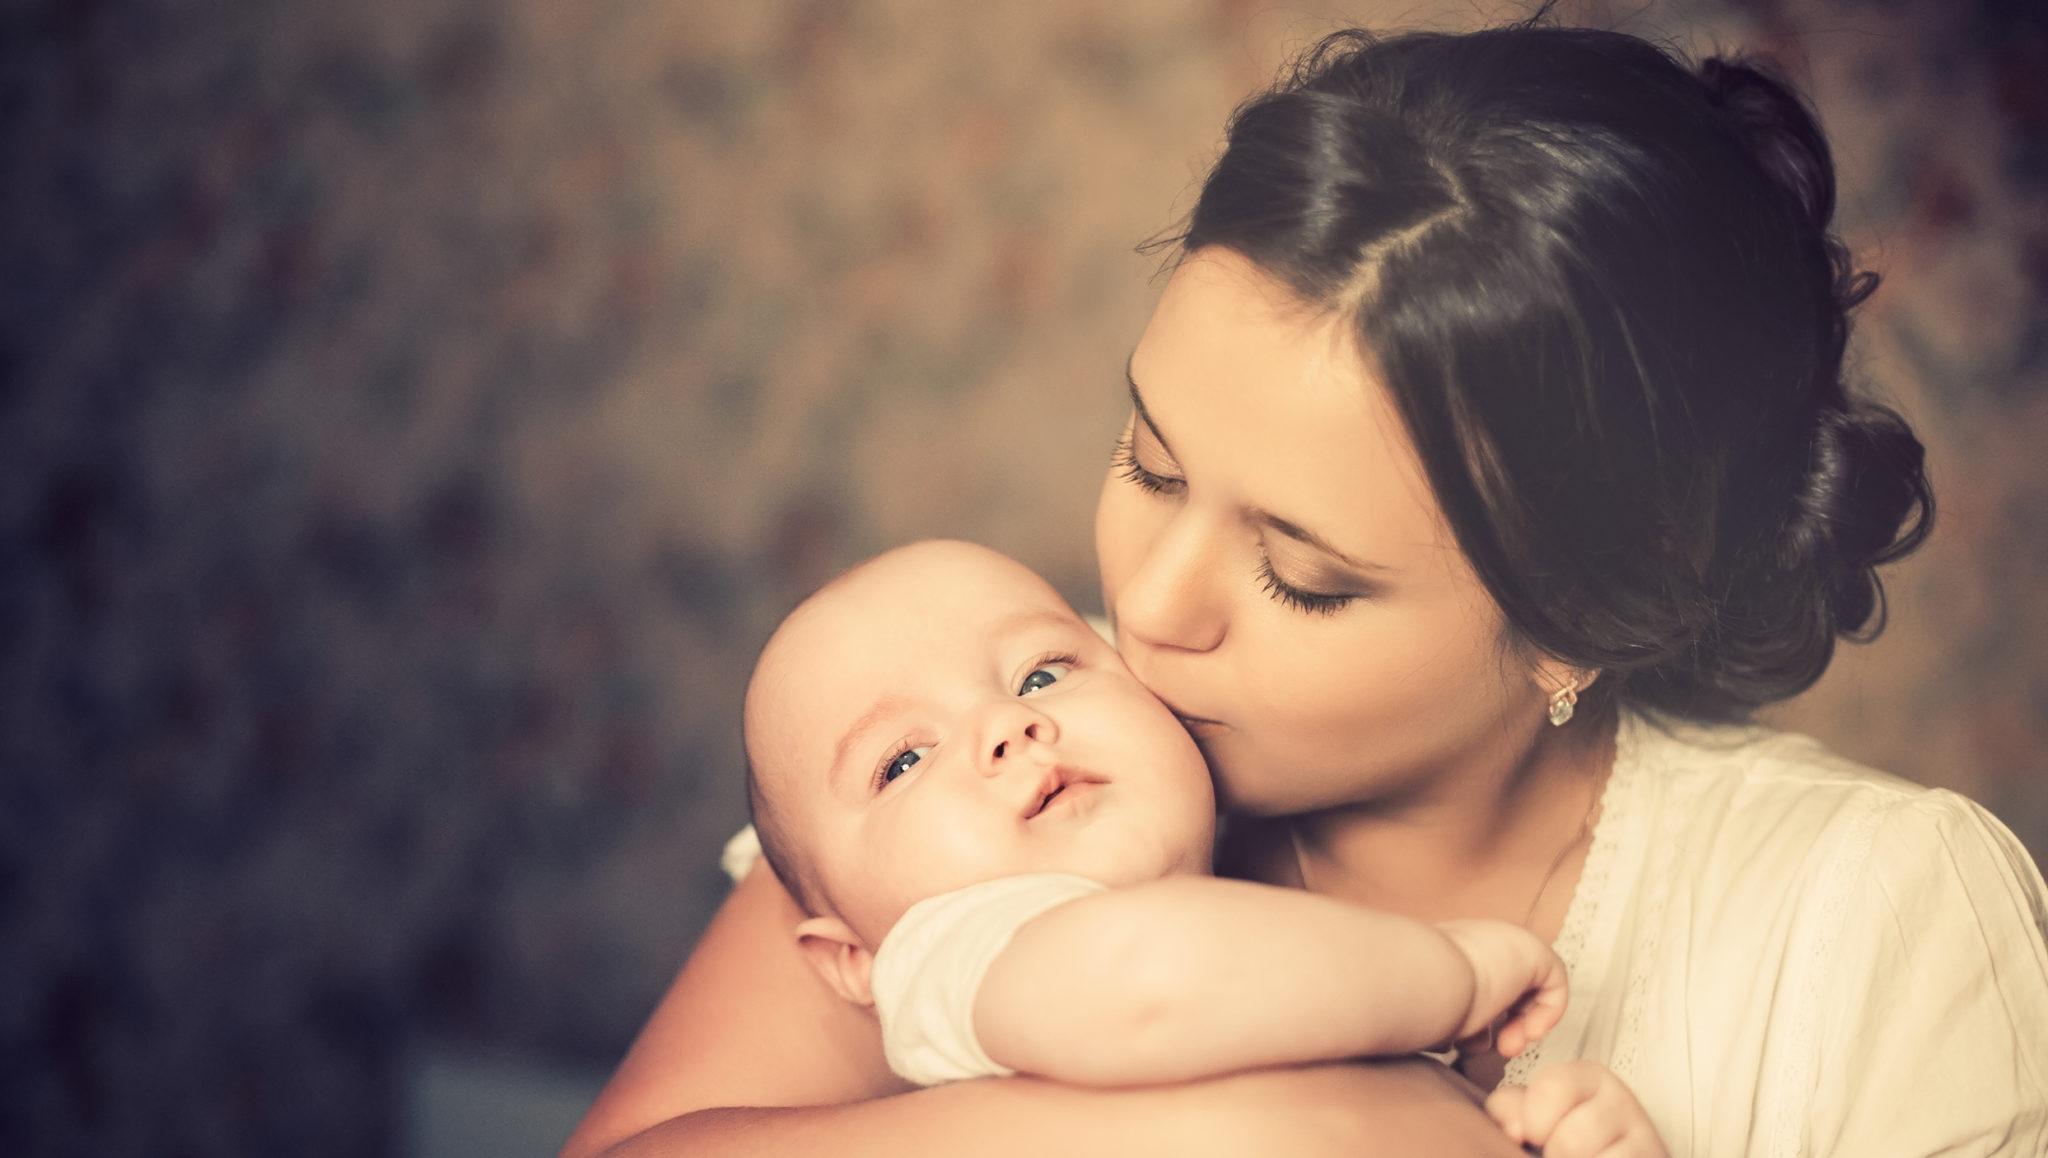 Зачем рожать детей: 10 самых честных историй из жизни